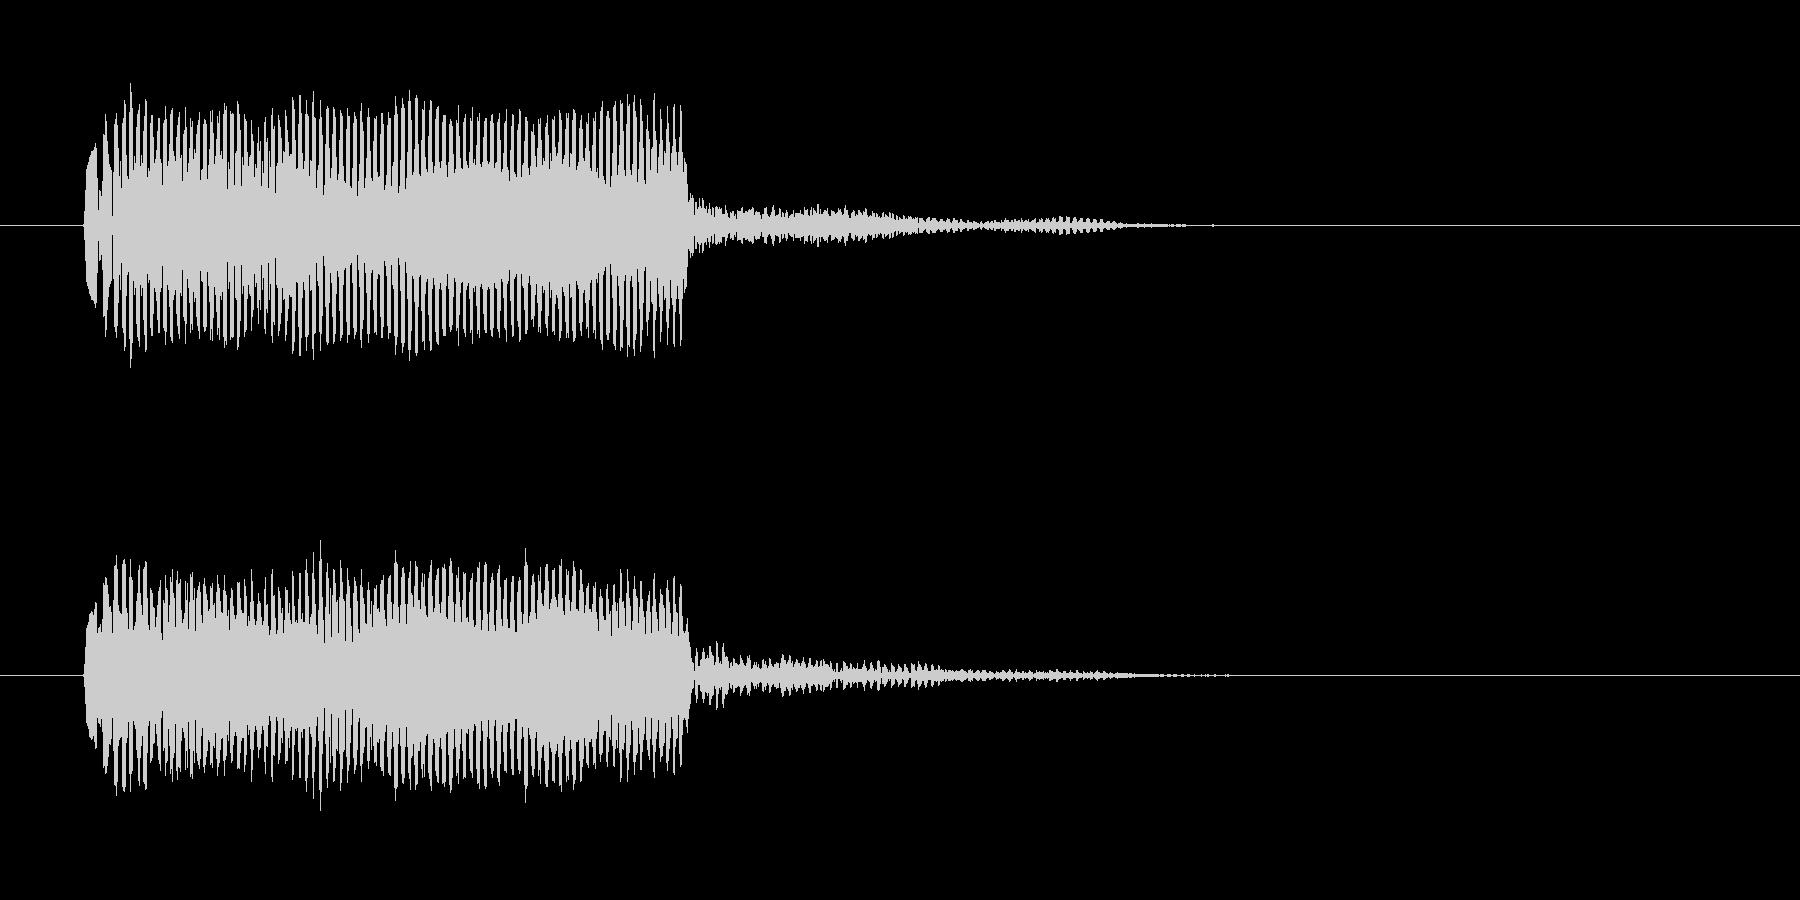 「ピーッ!」警笛による鳥の鳴き声の擬音の未再生の波形